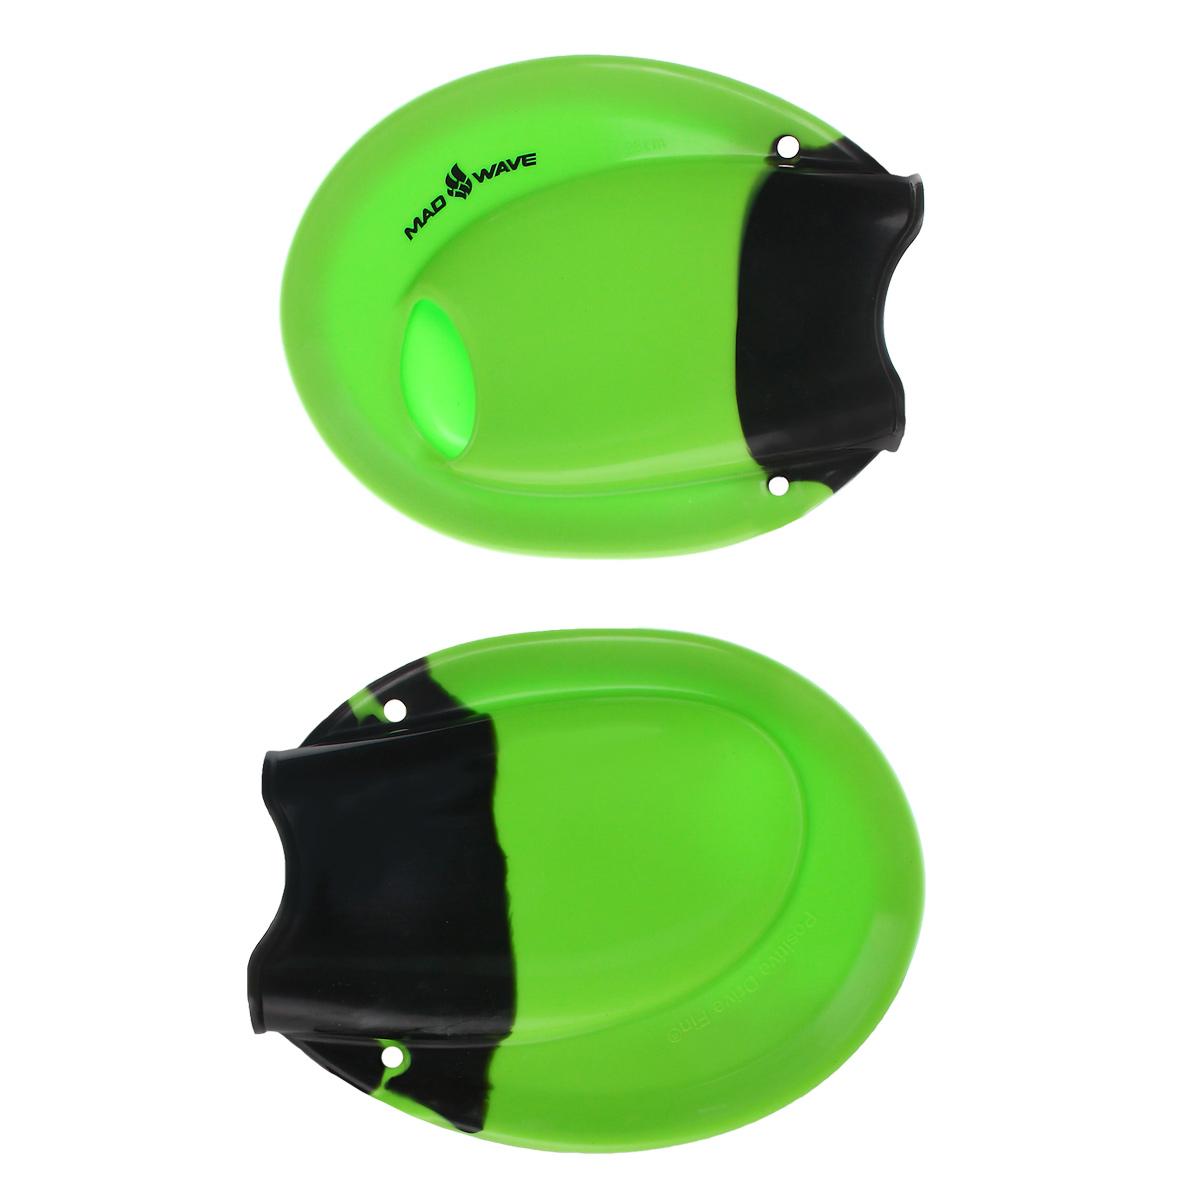 Ласты тренировочные для брасса Mad Wave Positive Drive, цвет: черный, зеленый. Размер 35-3910015585Форма ласт и регулируемый ремень пятки позволяет сделать правильное и мощное движение ногами брассом. Короткая и широкая лопасть подходит для улучшения техники кроля на груди и спине, брасса, дельфина. Эргономичный карман и открытая пятка для идеального положения стопы во время тренировки. Закрытый носок обеспечивает более мощное и направленное движение стопы, позволяя существенно увеличить скорость плавания.